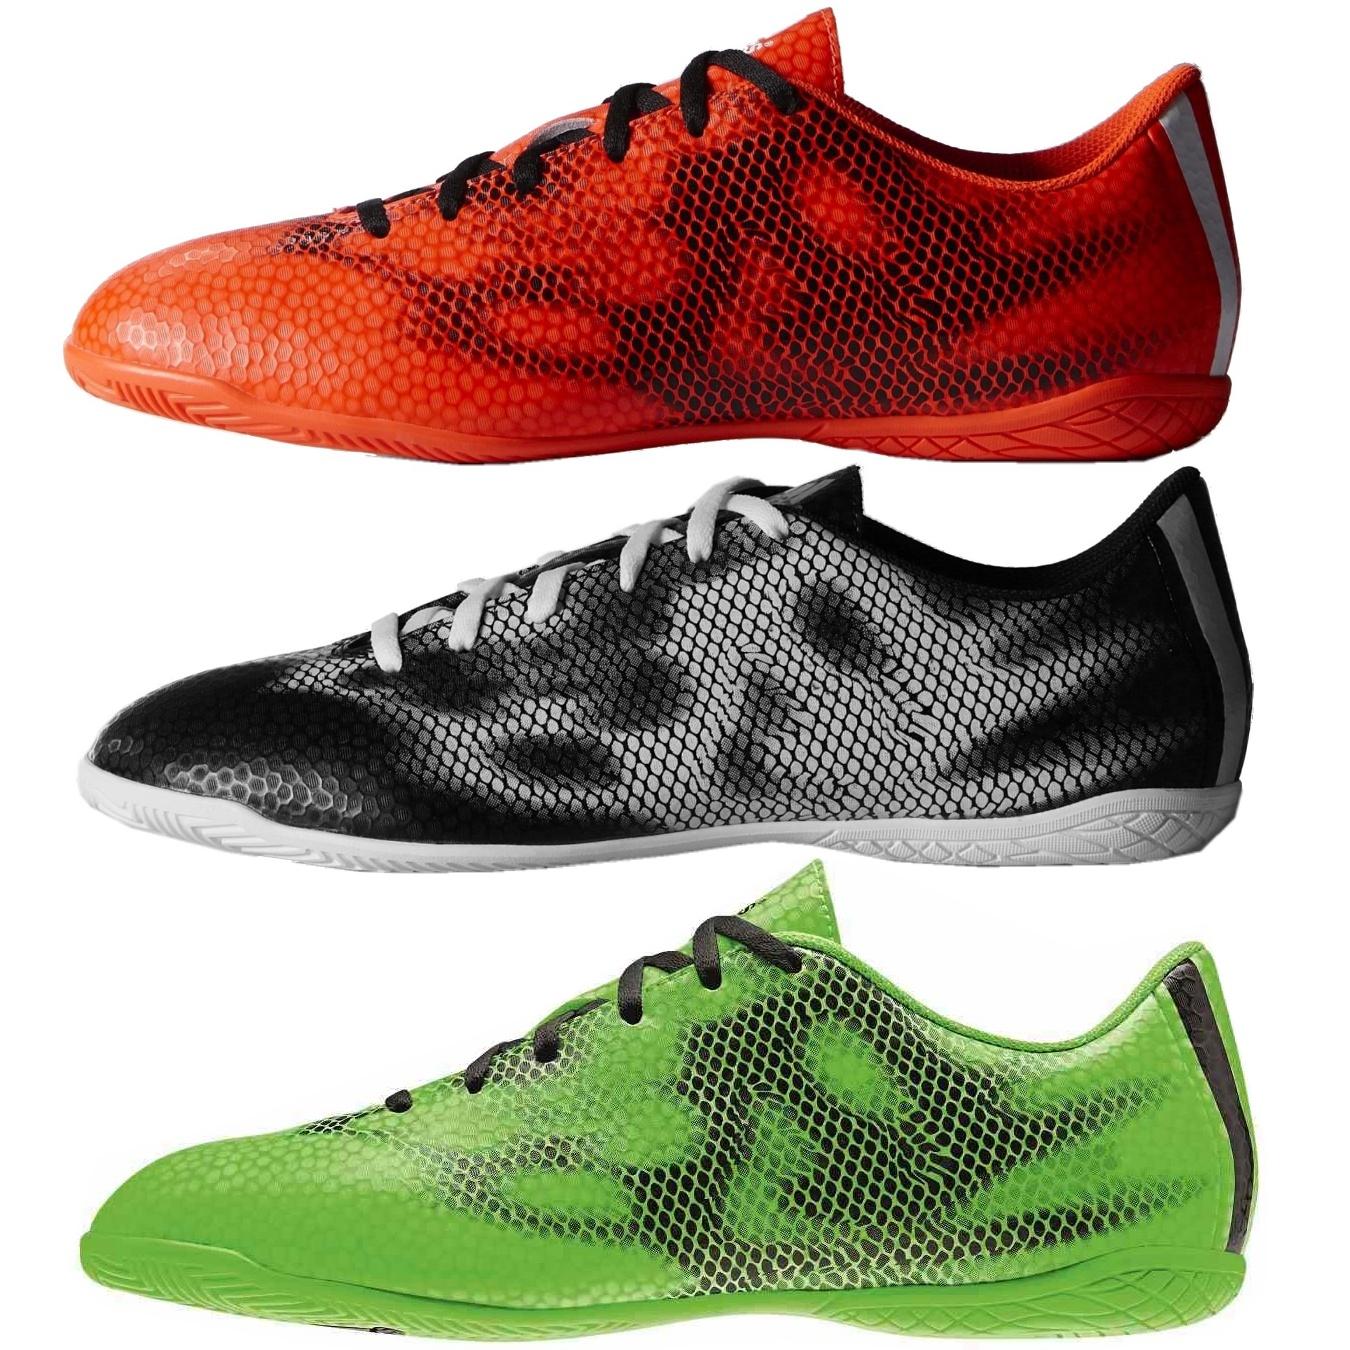 Adidas-F5-IN-IC-Fussballschuhe-Indoor-Hallenfussballschuhe-diverse-Farben